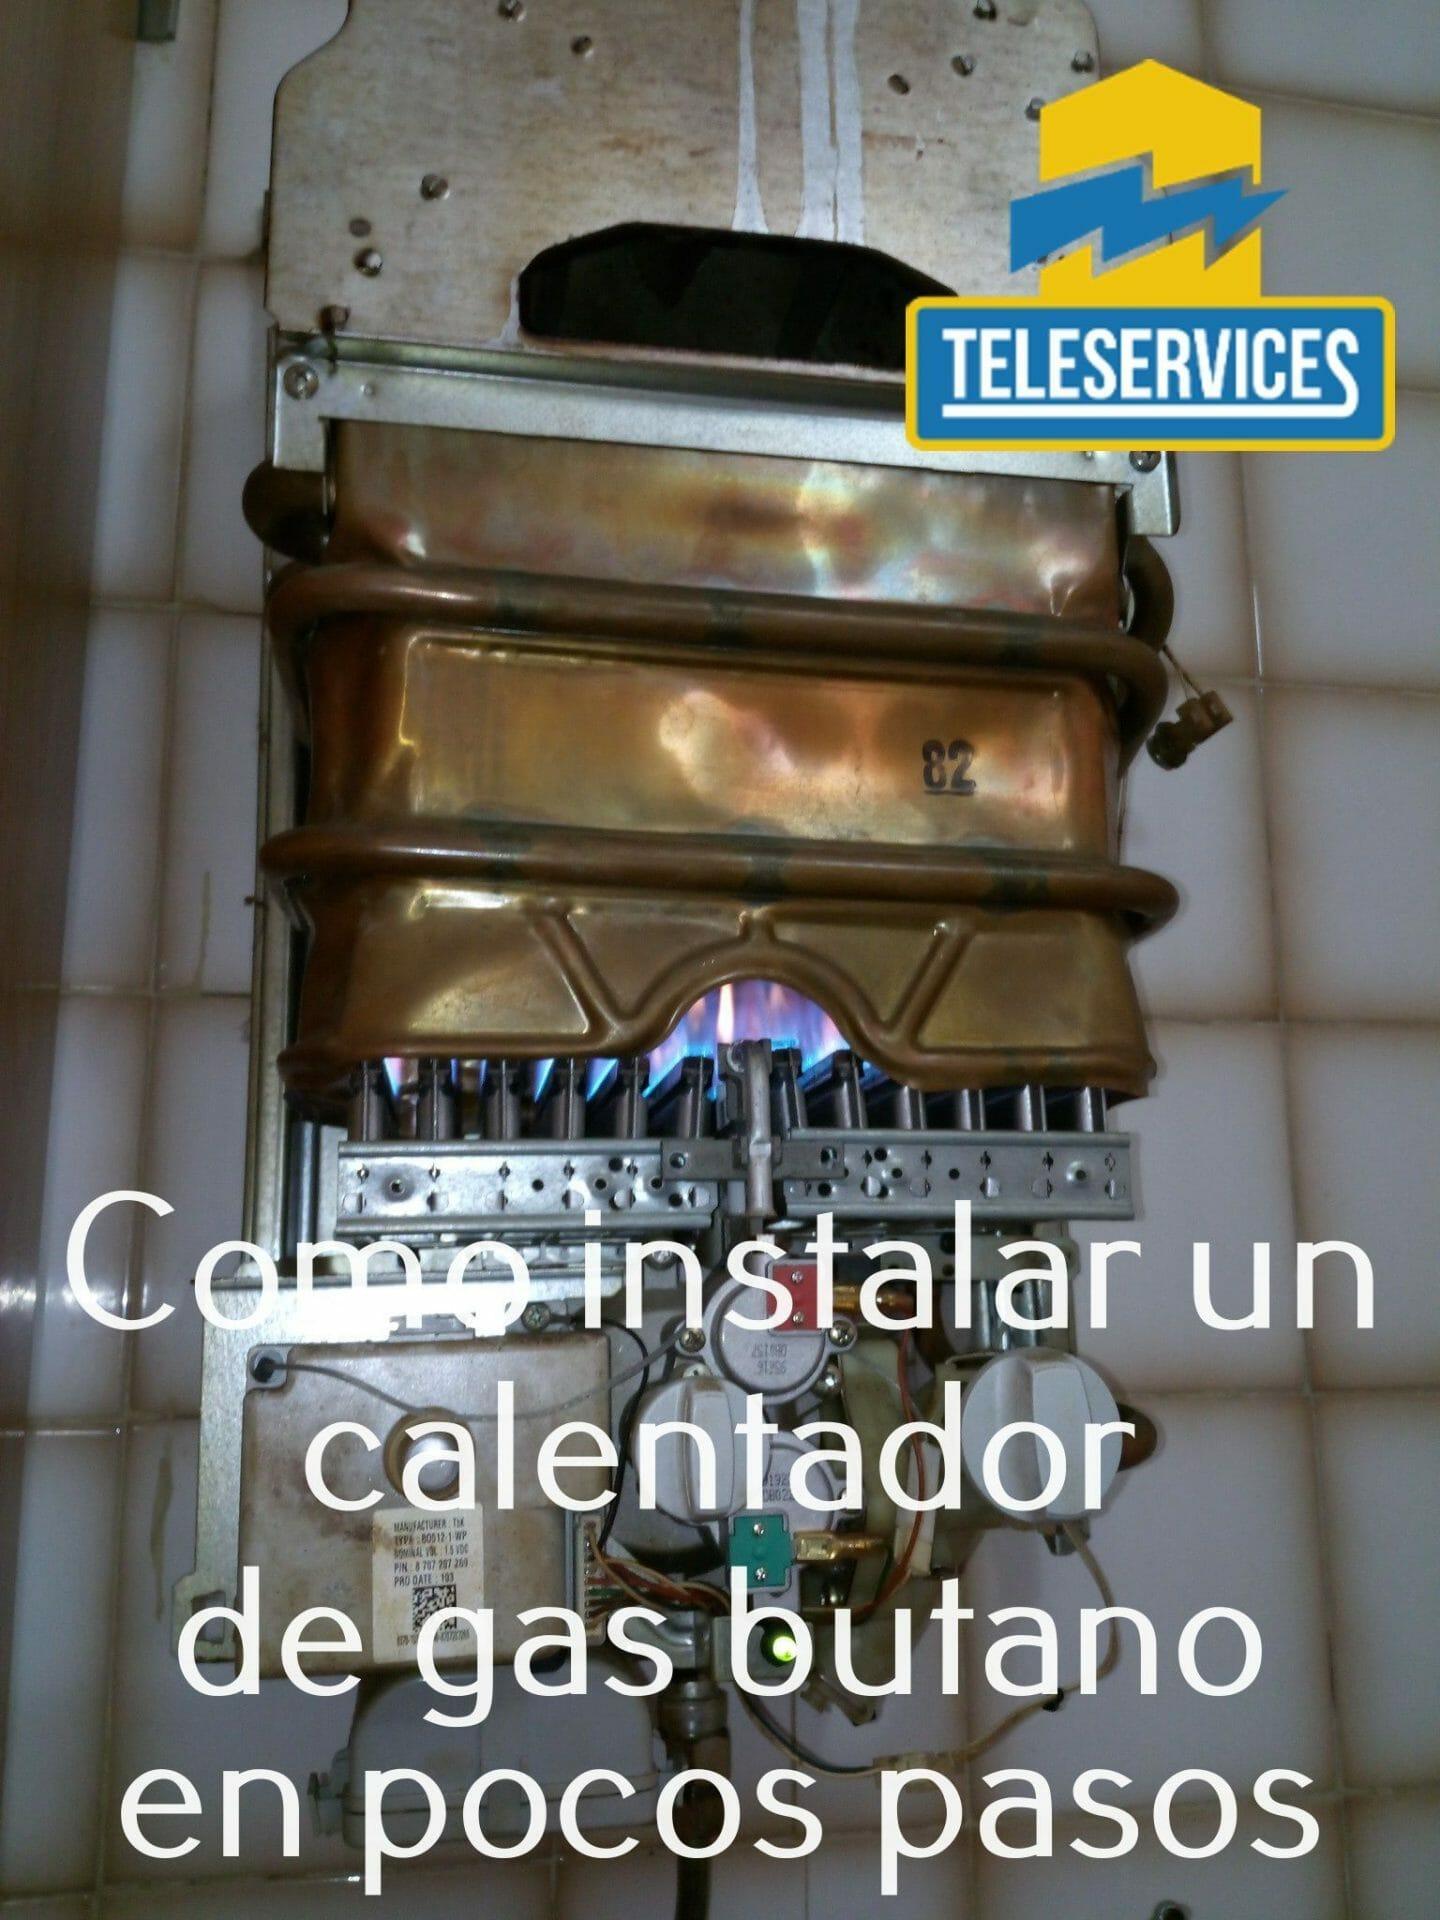 instalar un calentador de gas butano